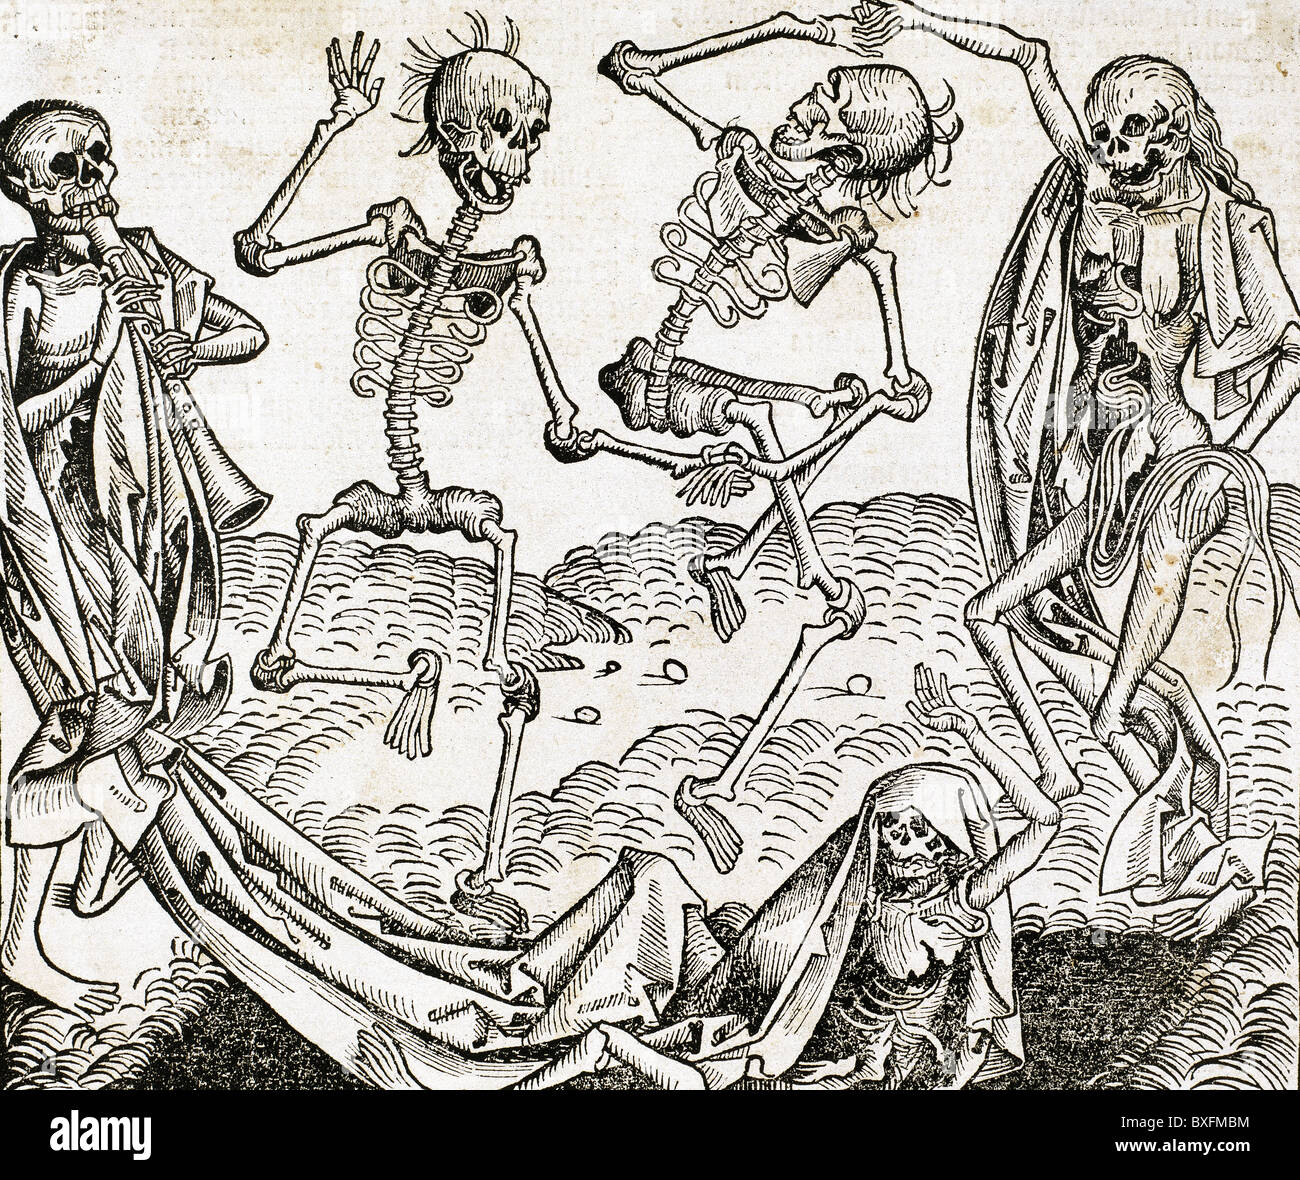 La Danza della morte (1493) di Michael Wolgemut, dal Liber chronicarum di Hartmann Schedel. Incisione. Immagini Stock